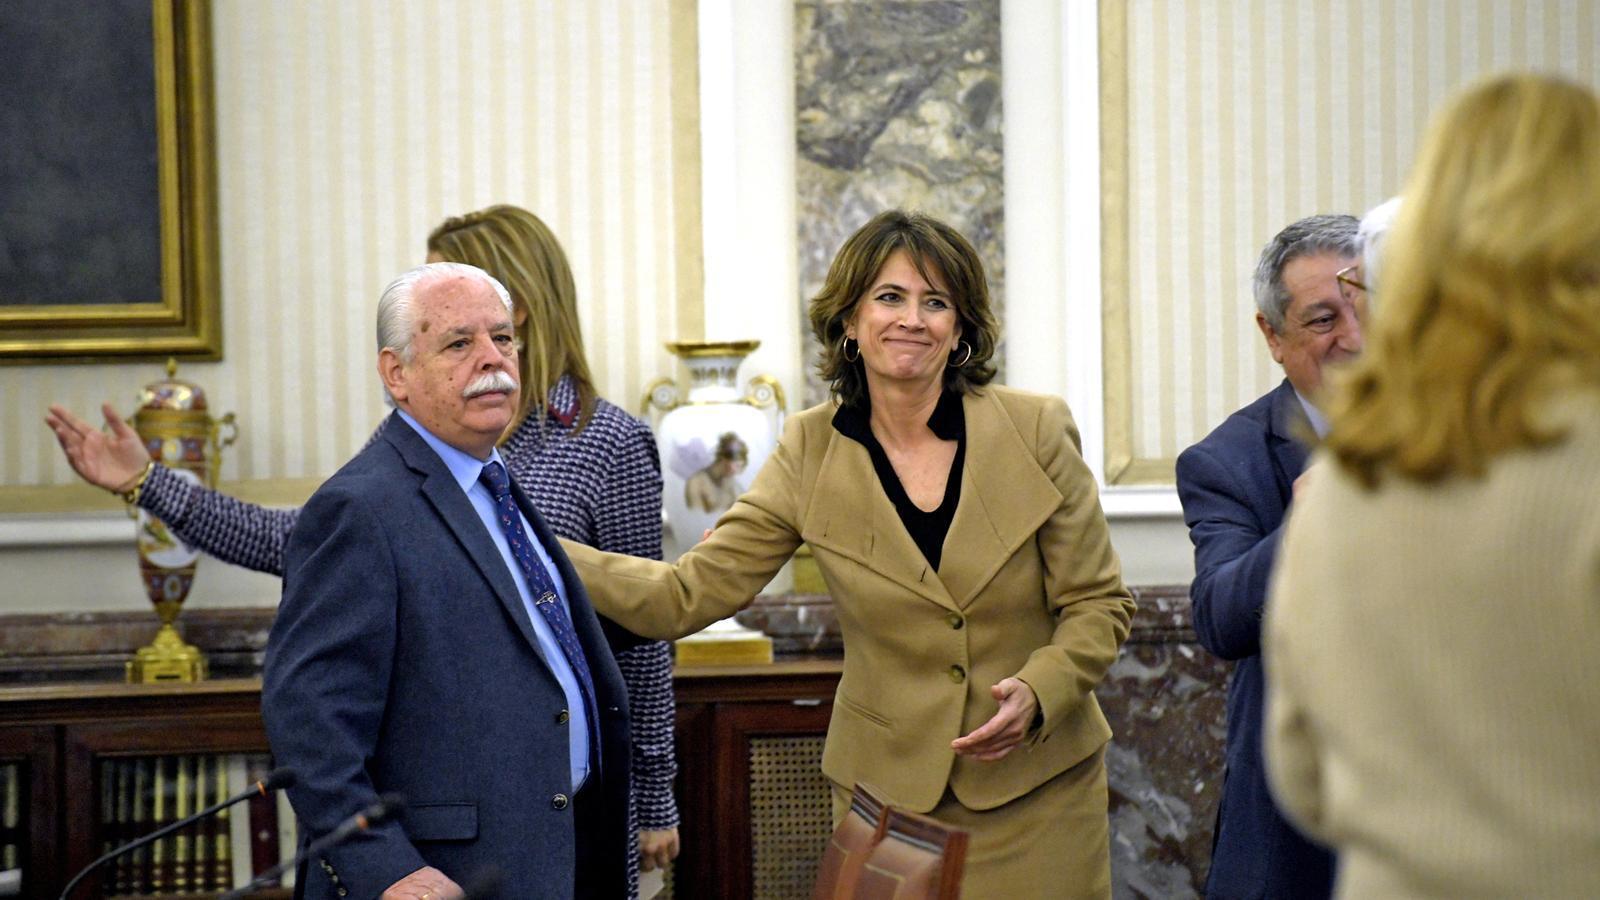 A l'esquerra, el tinent fiscal del Tribunal Suprem, Luis Navajas, al costat de la fiscal general de l'Estat, Dolores Delgado